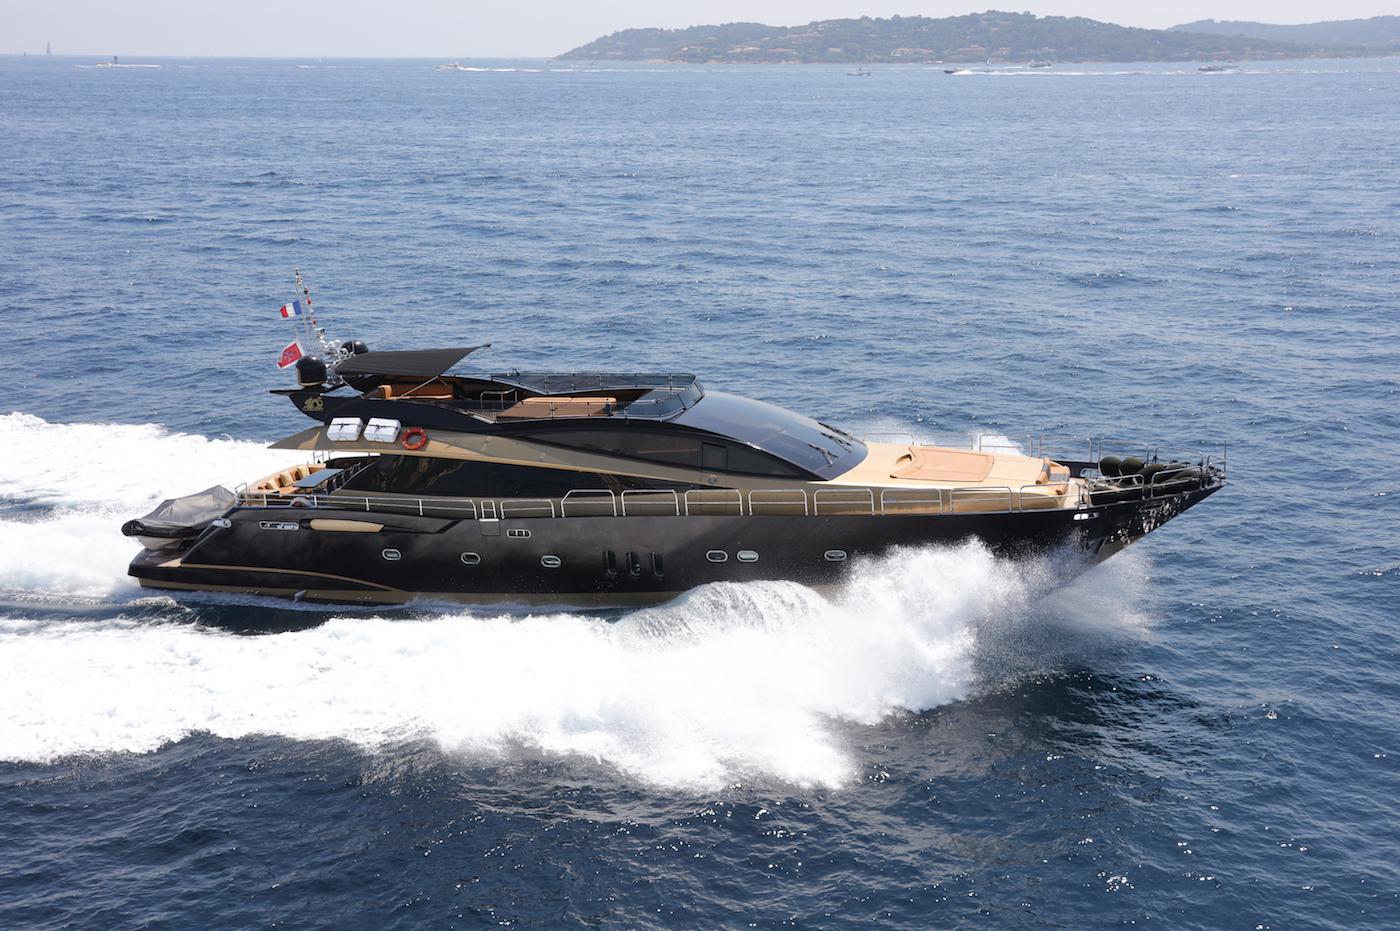 claremont yacht charter details vbg superyachts. Black Bedroom Furniture Sets. Home Design Ideas